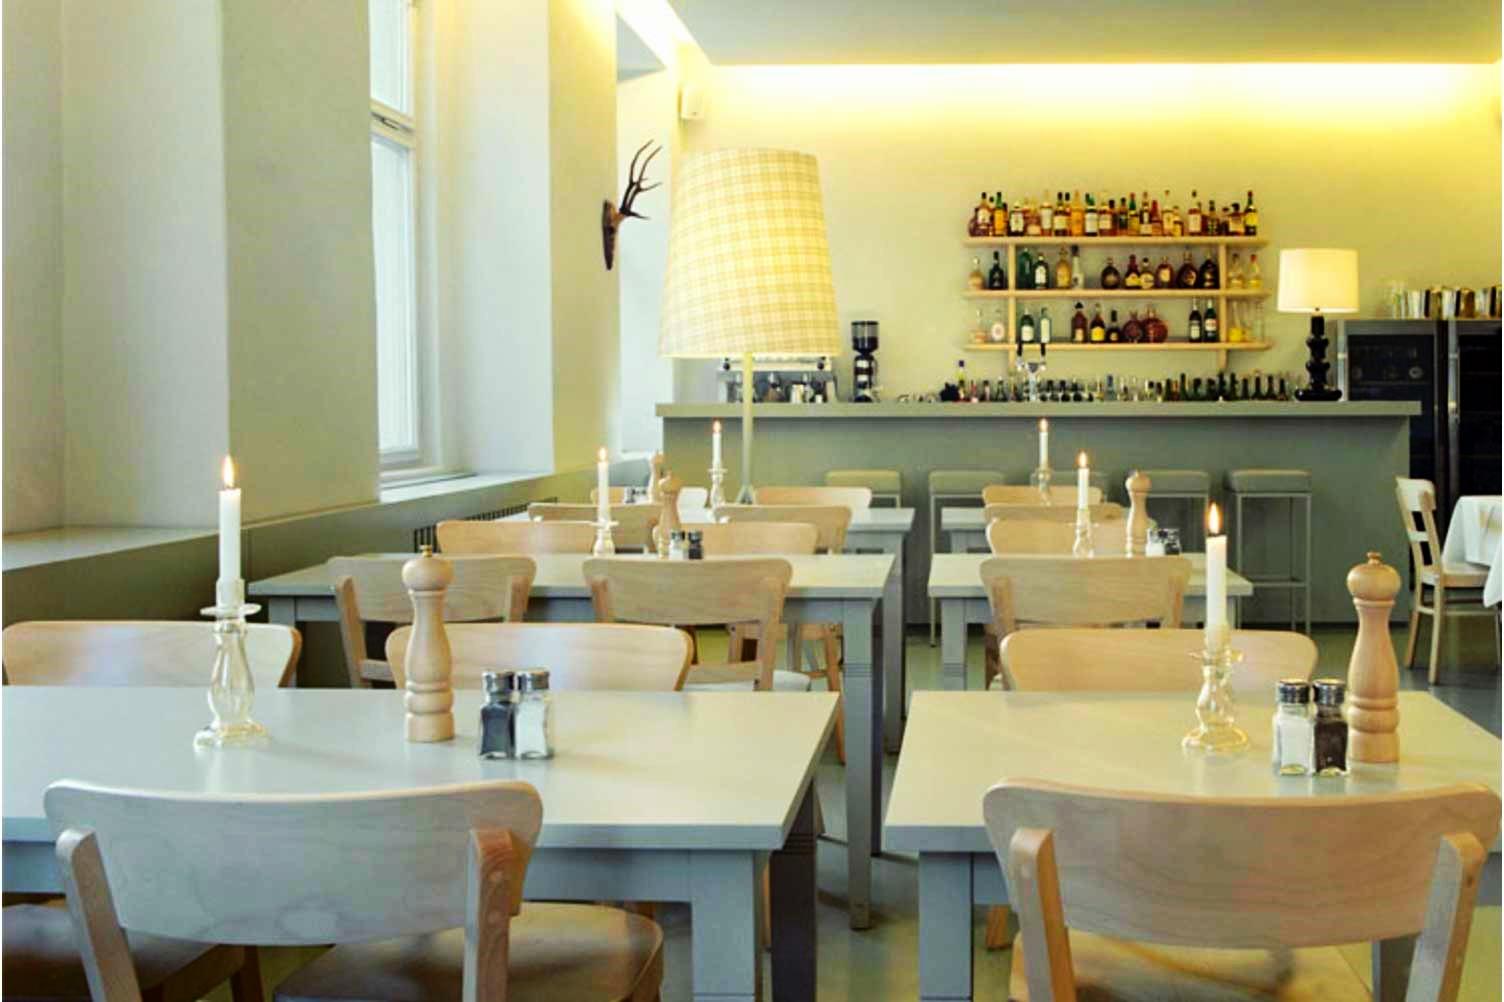 Schnitzeltour_foodora_gethungry.com_0060.jpg